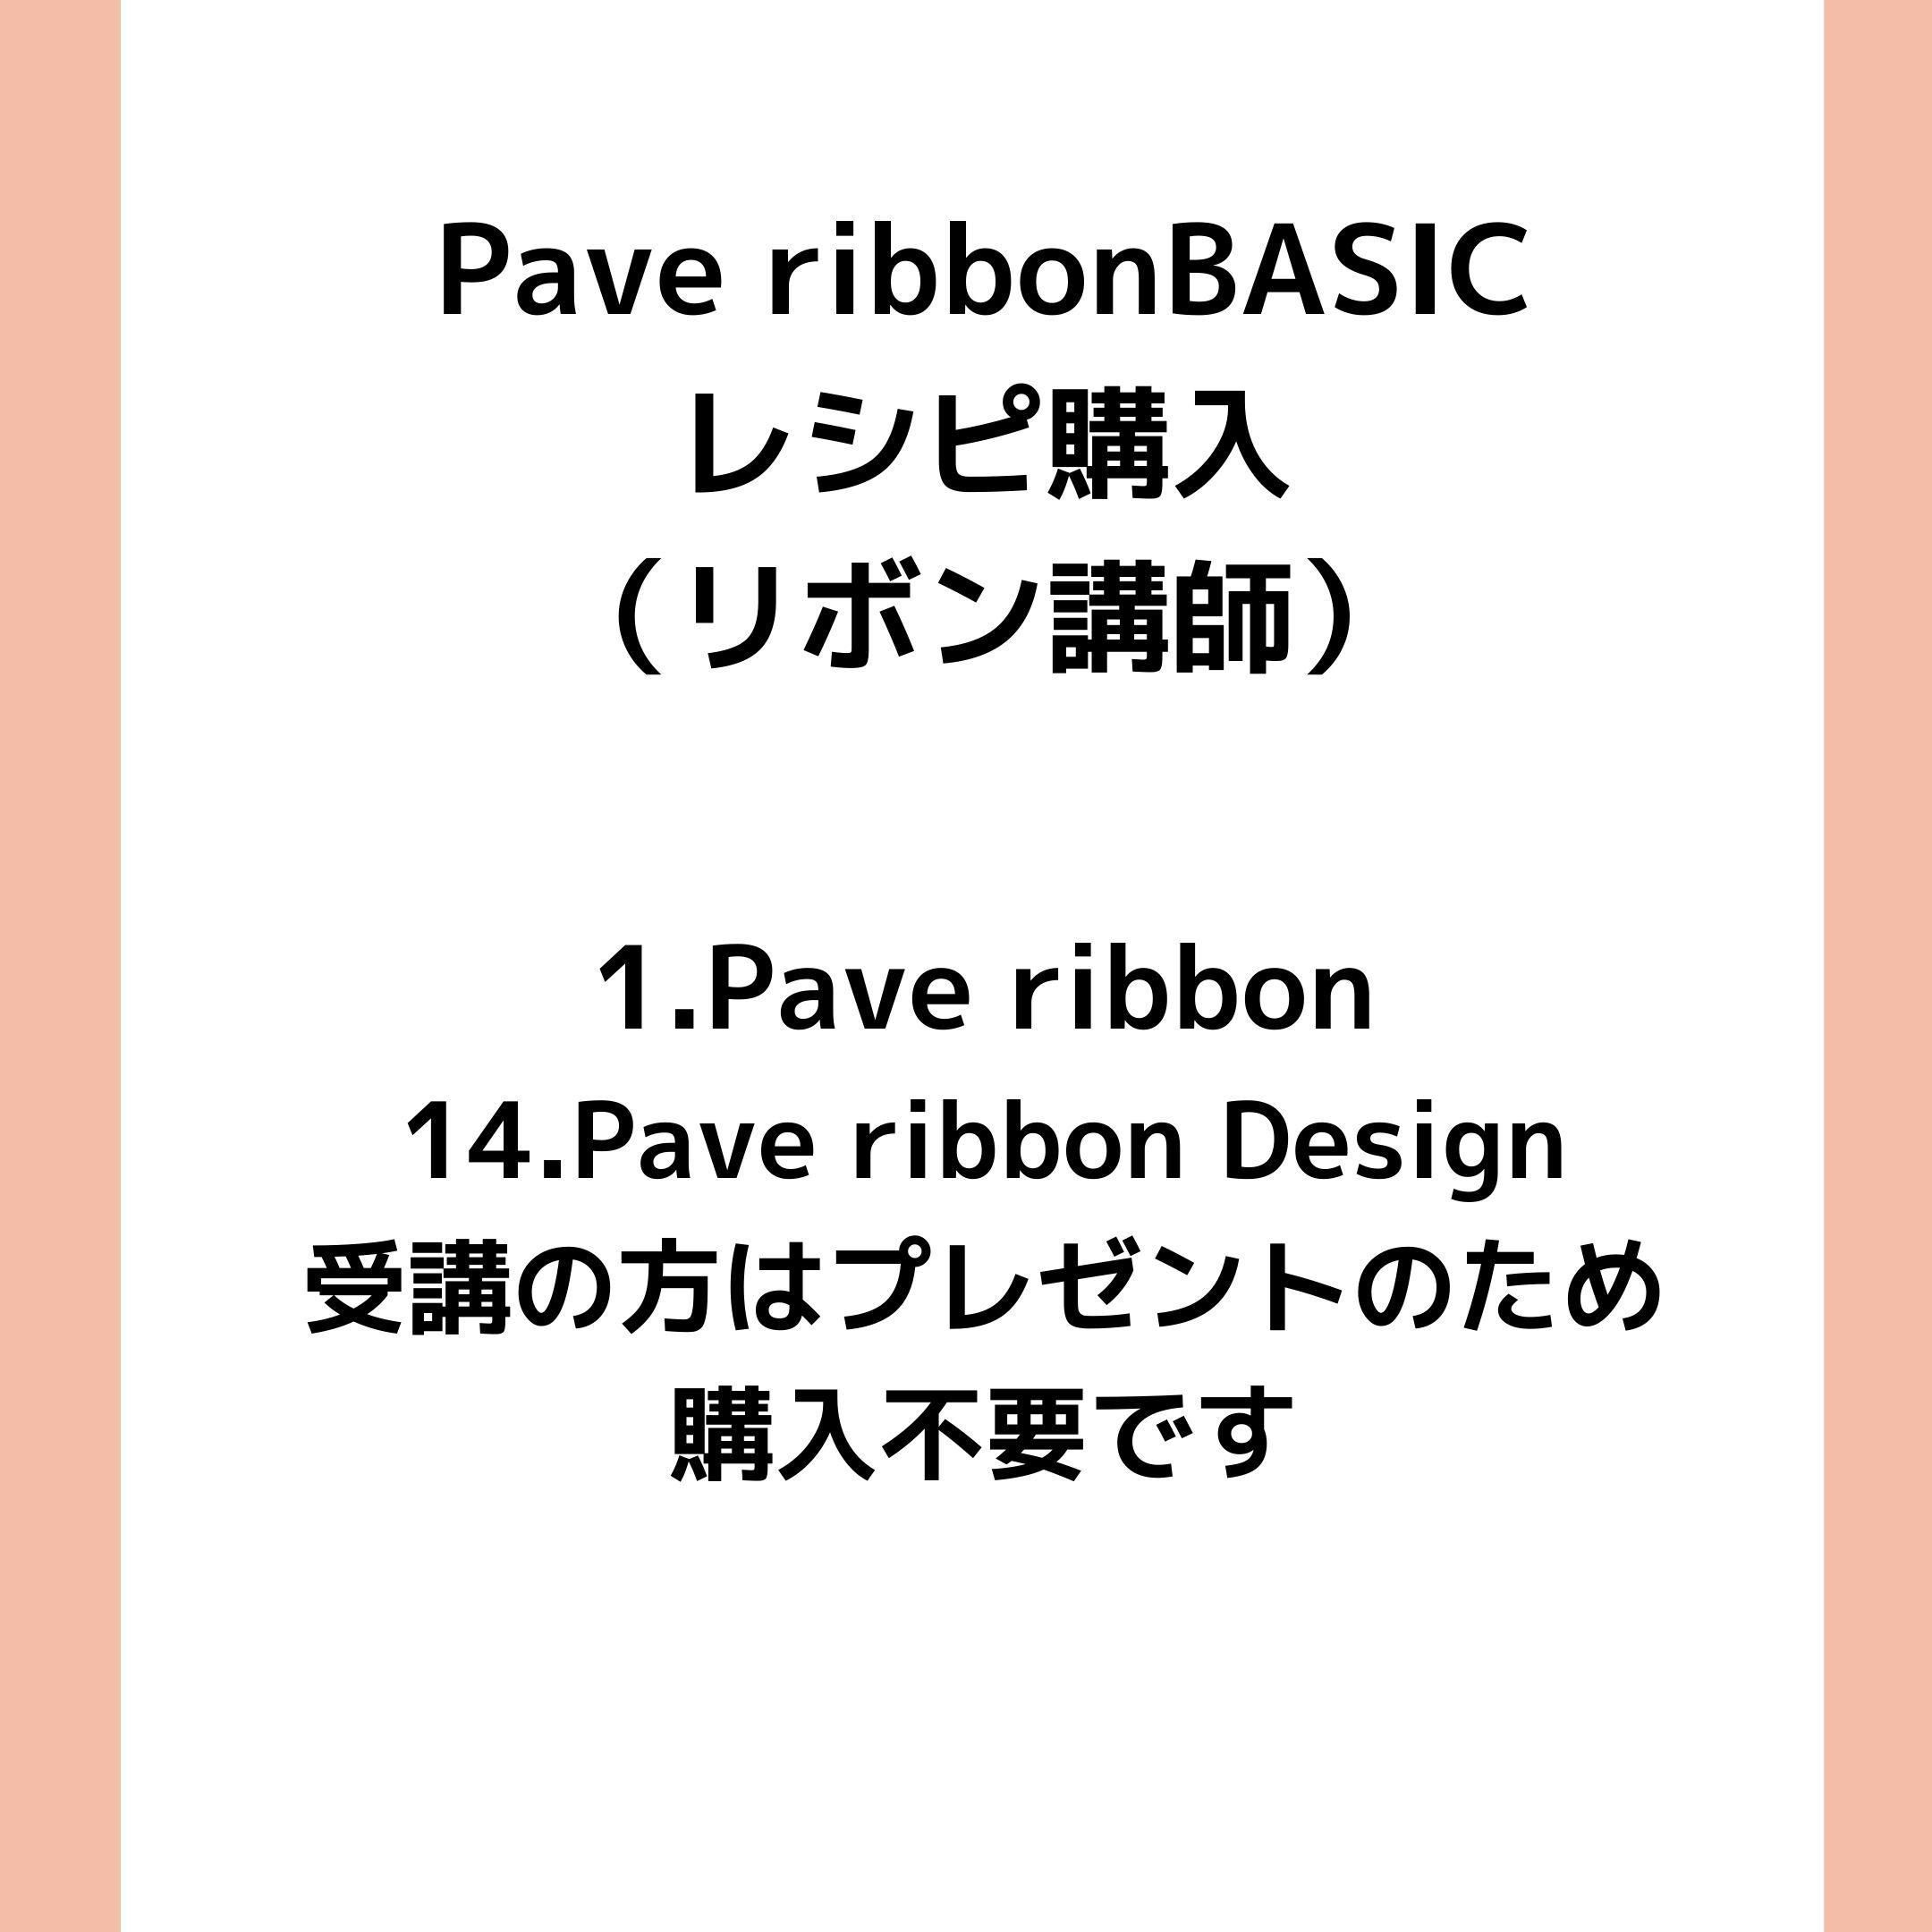 新規Pave ribbonの方【Pave ribbon BASICテキスト】